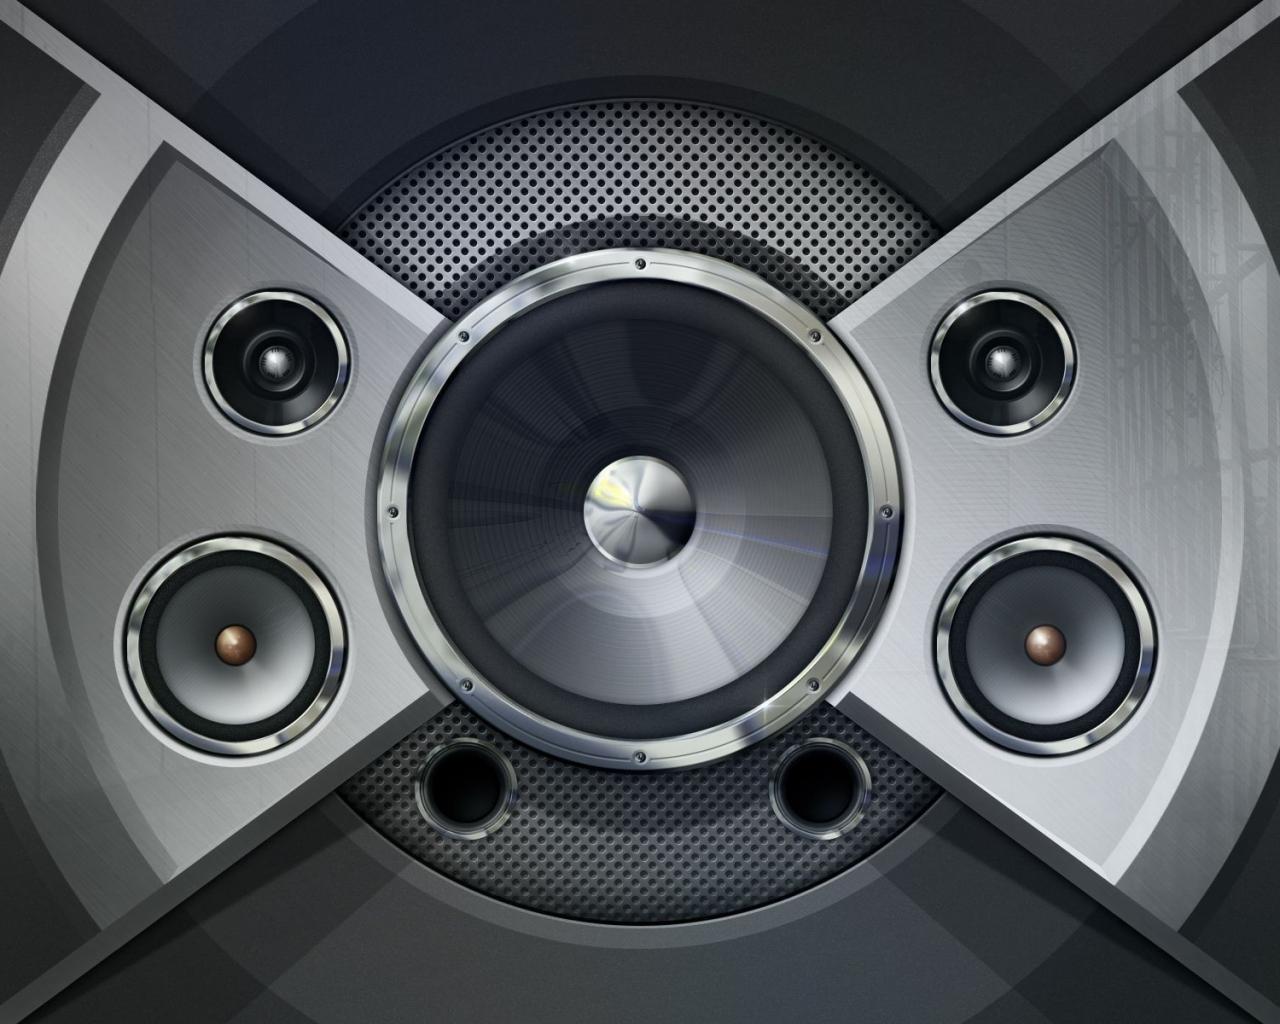 Diseño de un parlante - 1280x1024